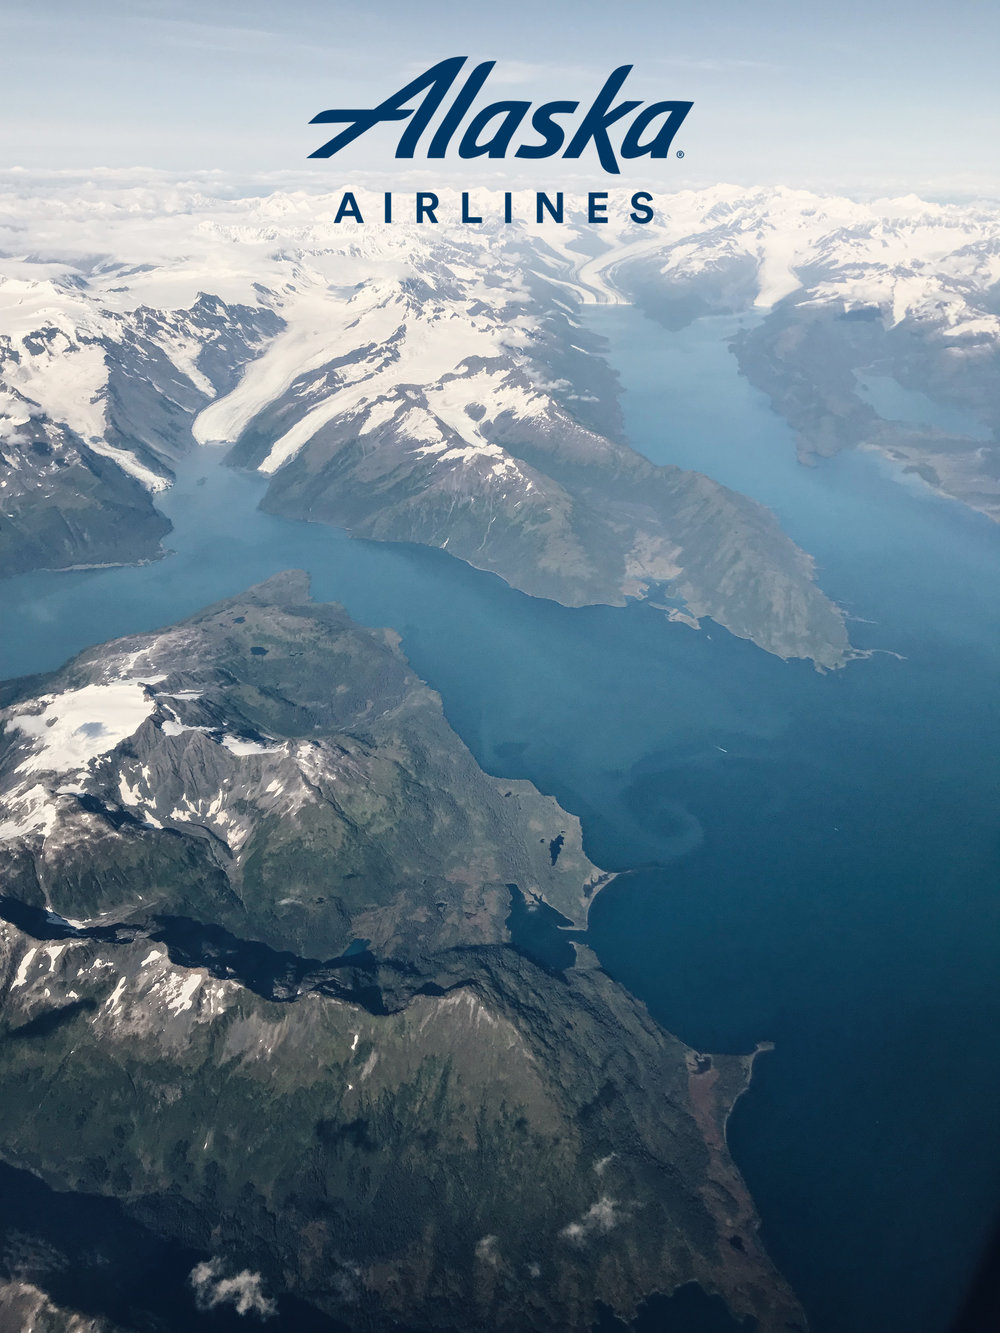 alaska_airlines.jpg